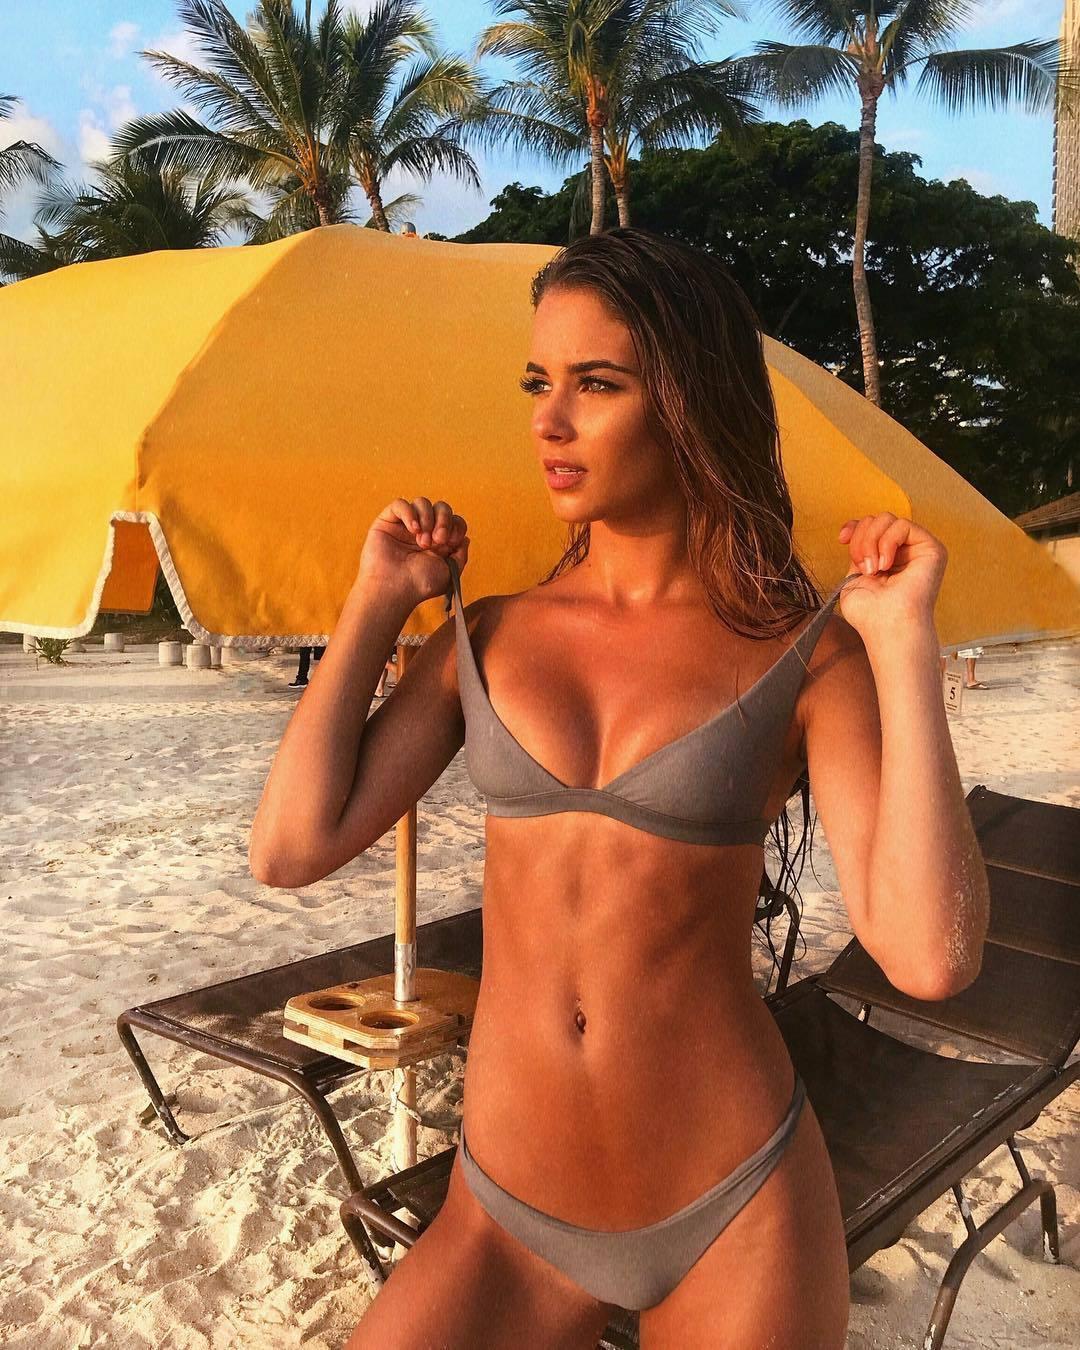 Sexy Renee Herbert nudes (66 foto and video), Ass, Hot, Feet, lingerie 2020